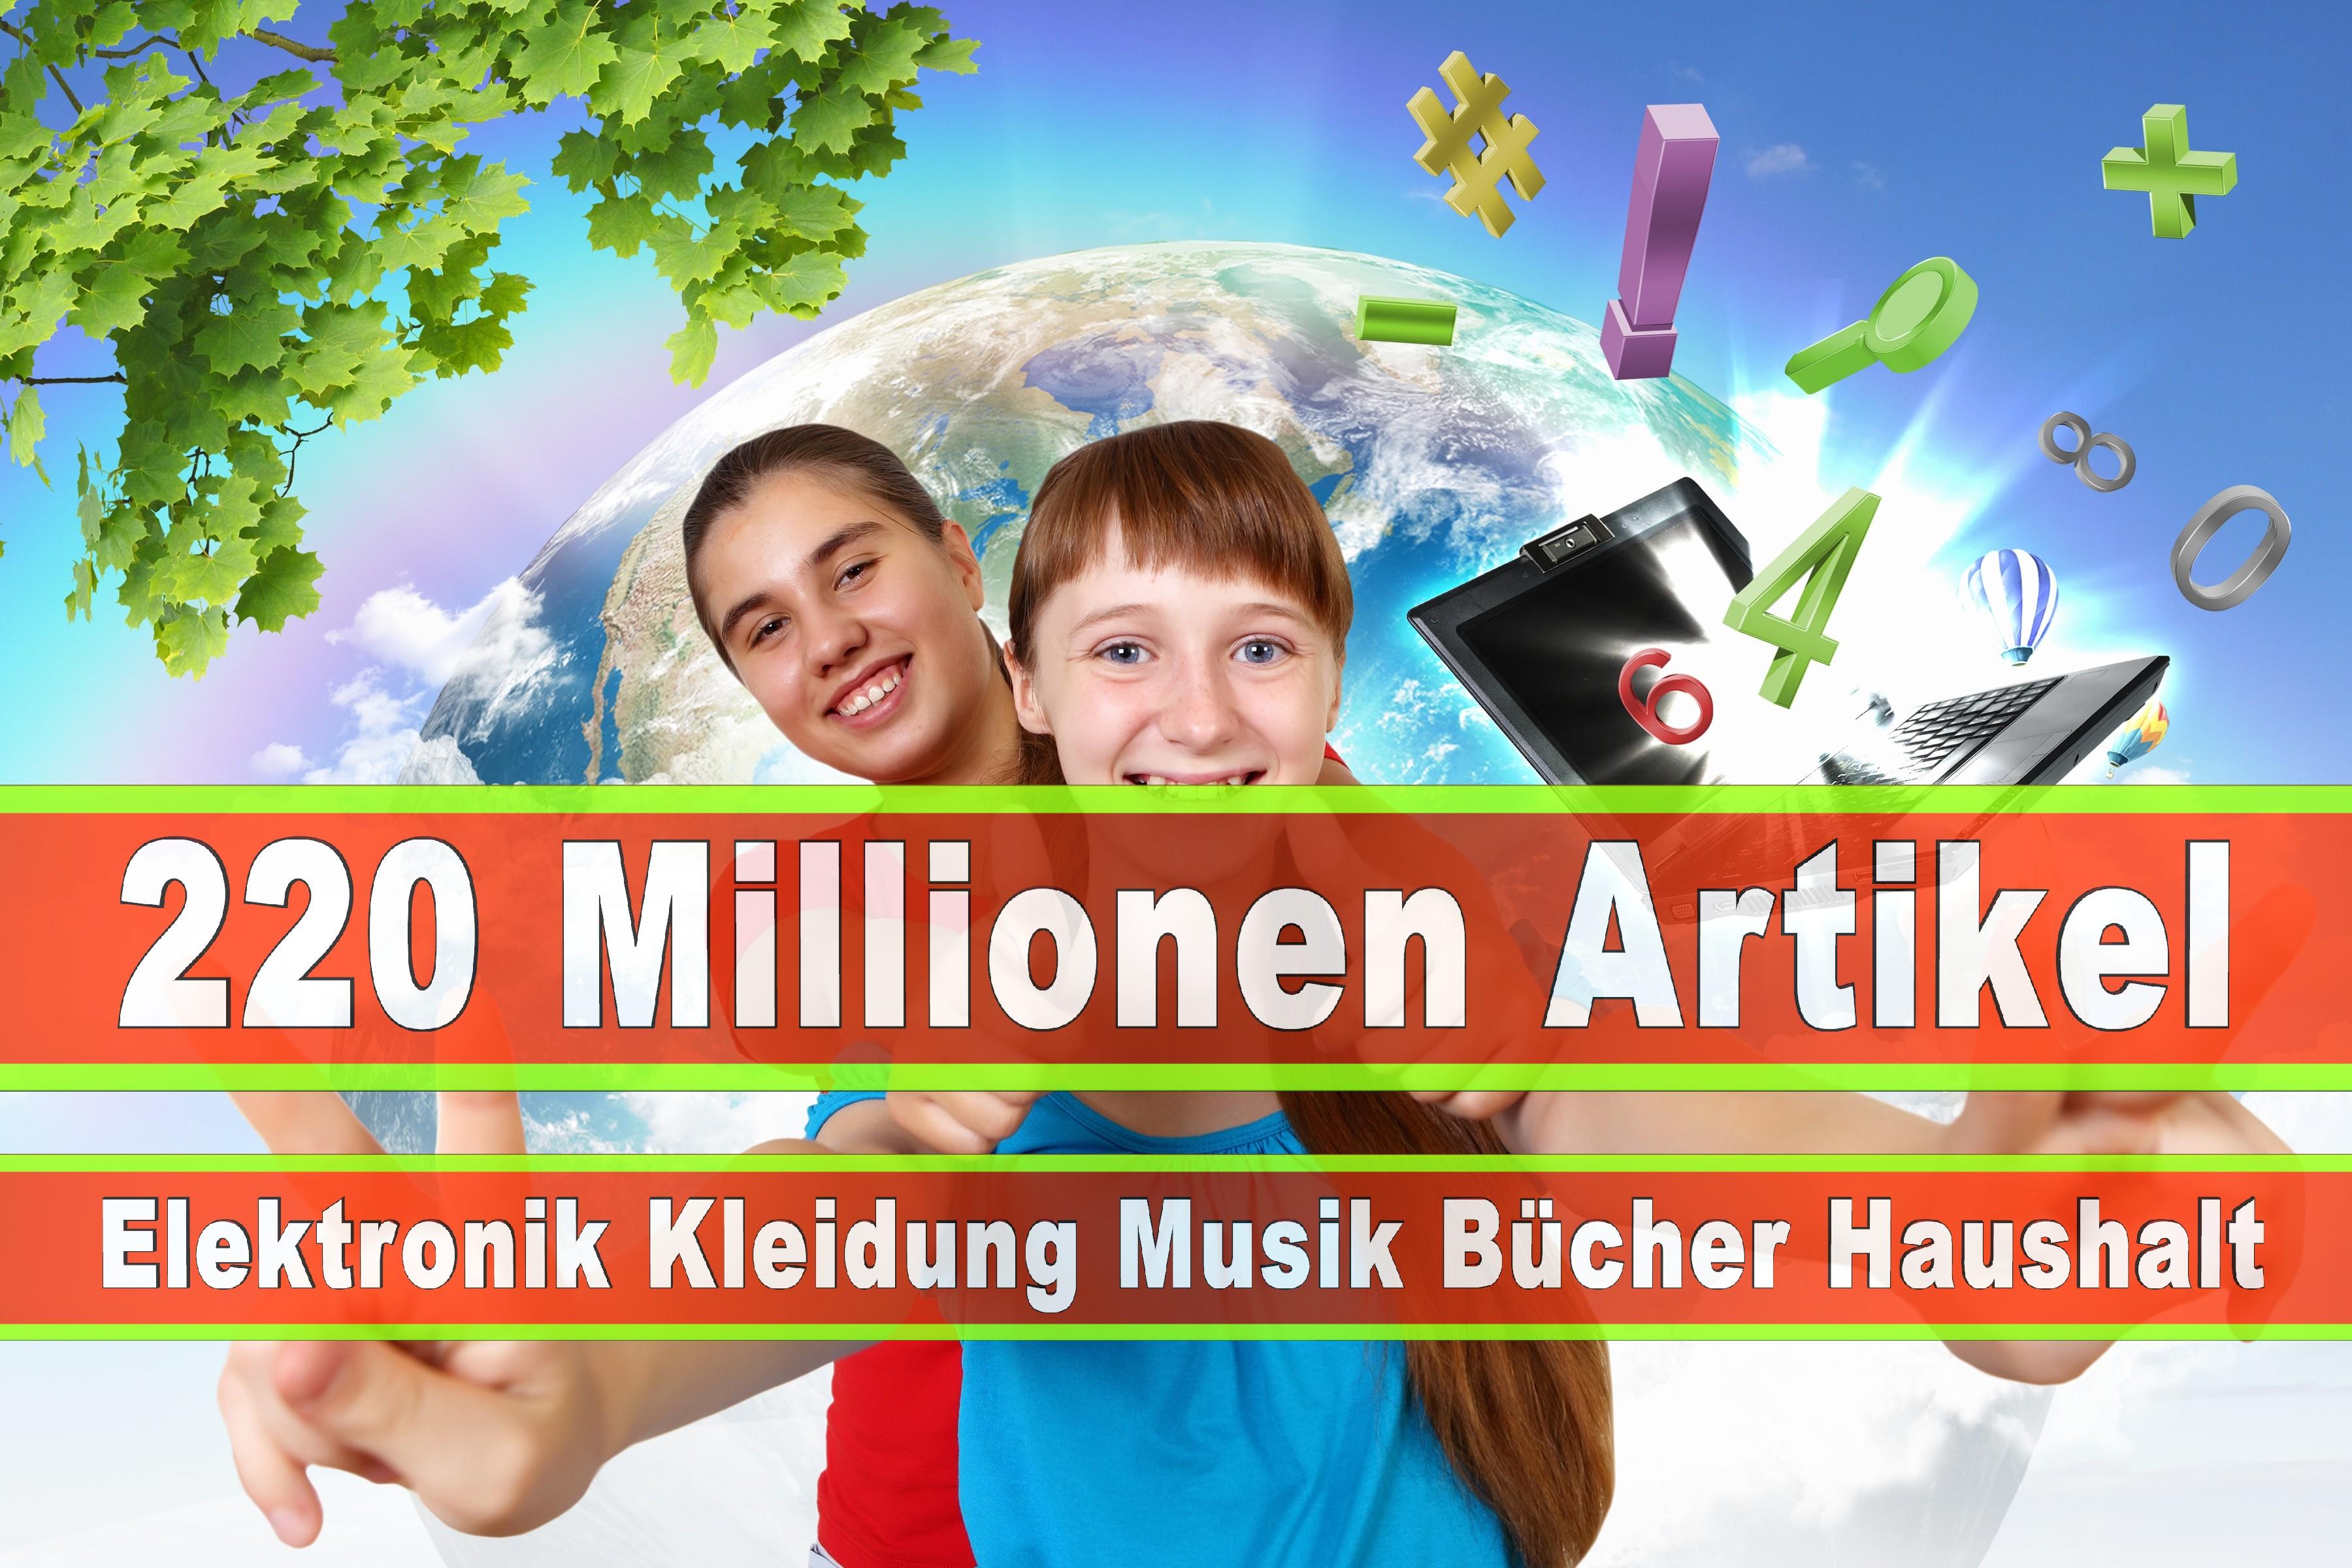 Amazon Elektronik Musik Haushalt Bücher CD DVD Handys Smartphones TV Television Fernseher Kleidung Mode Ebay Versandhaus (190)